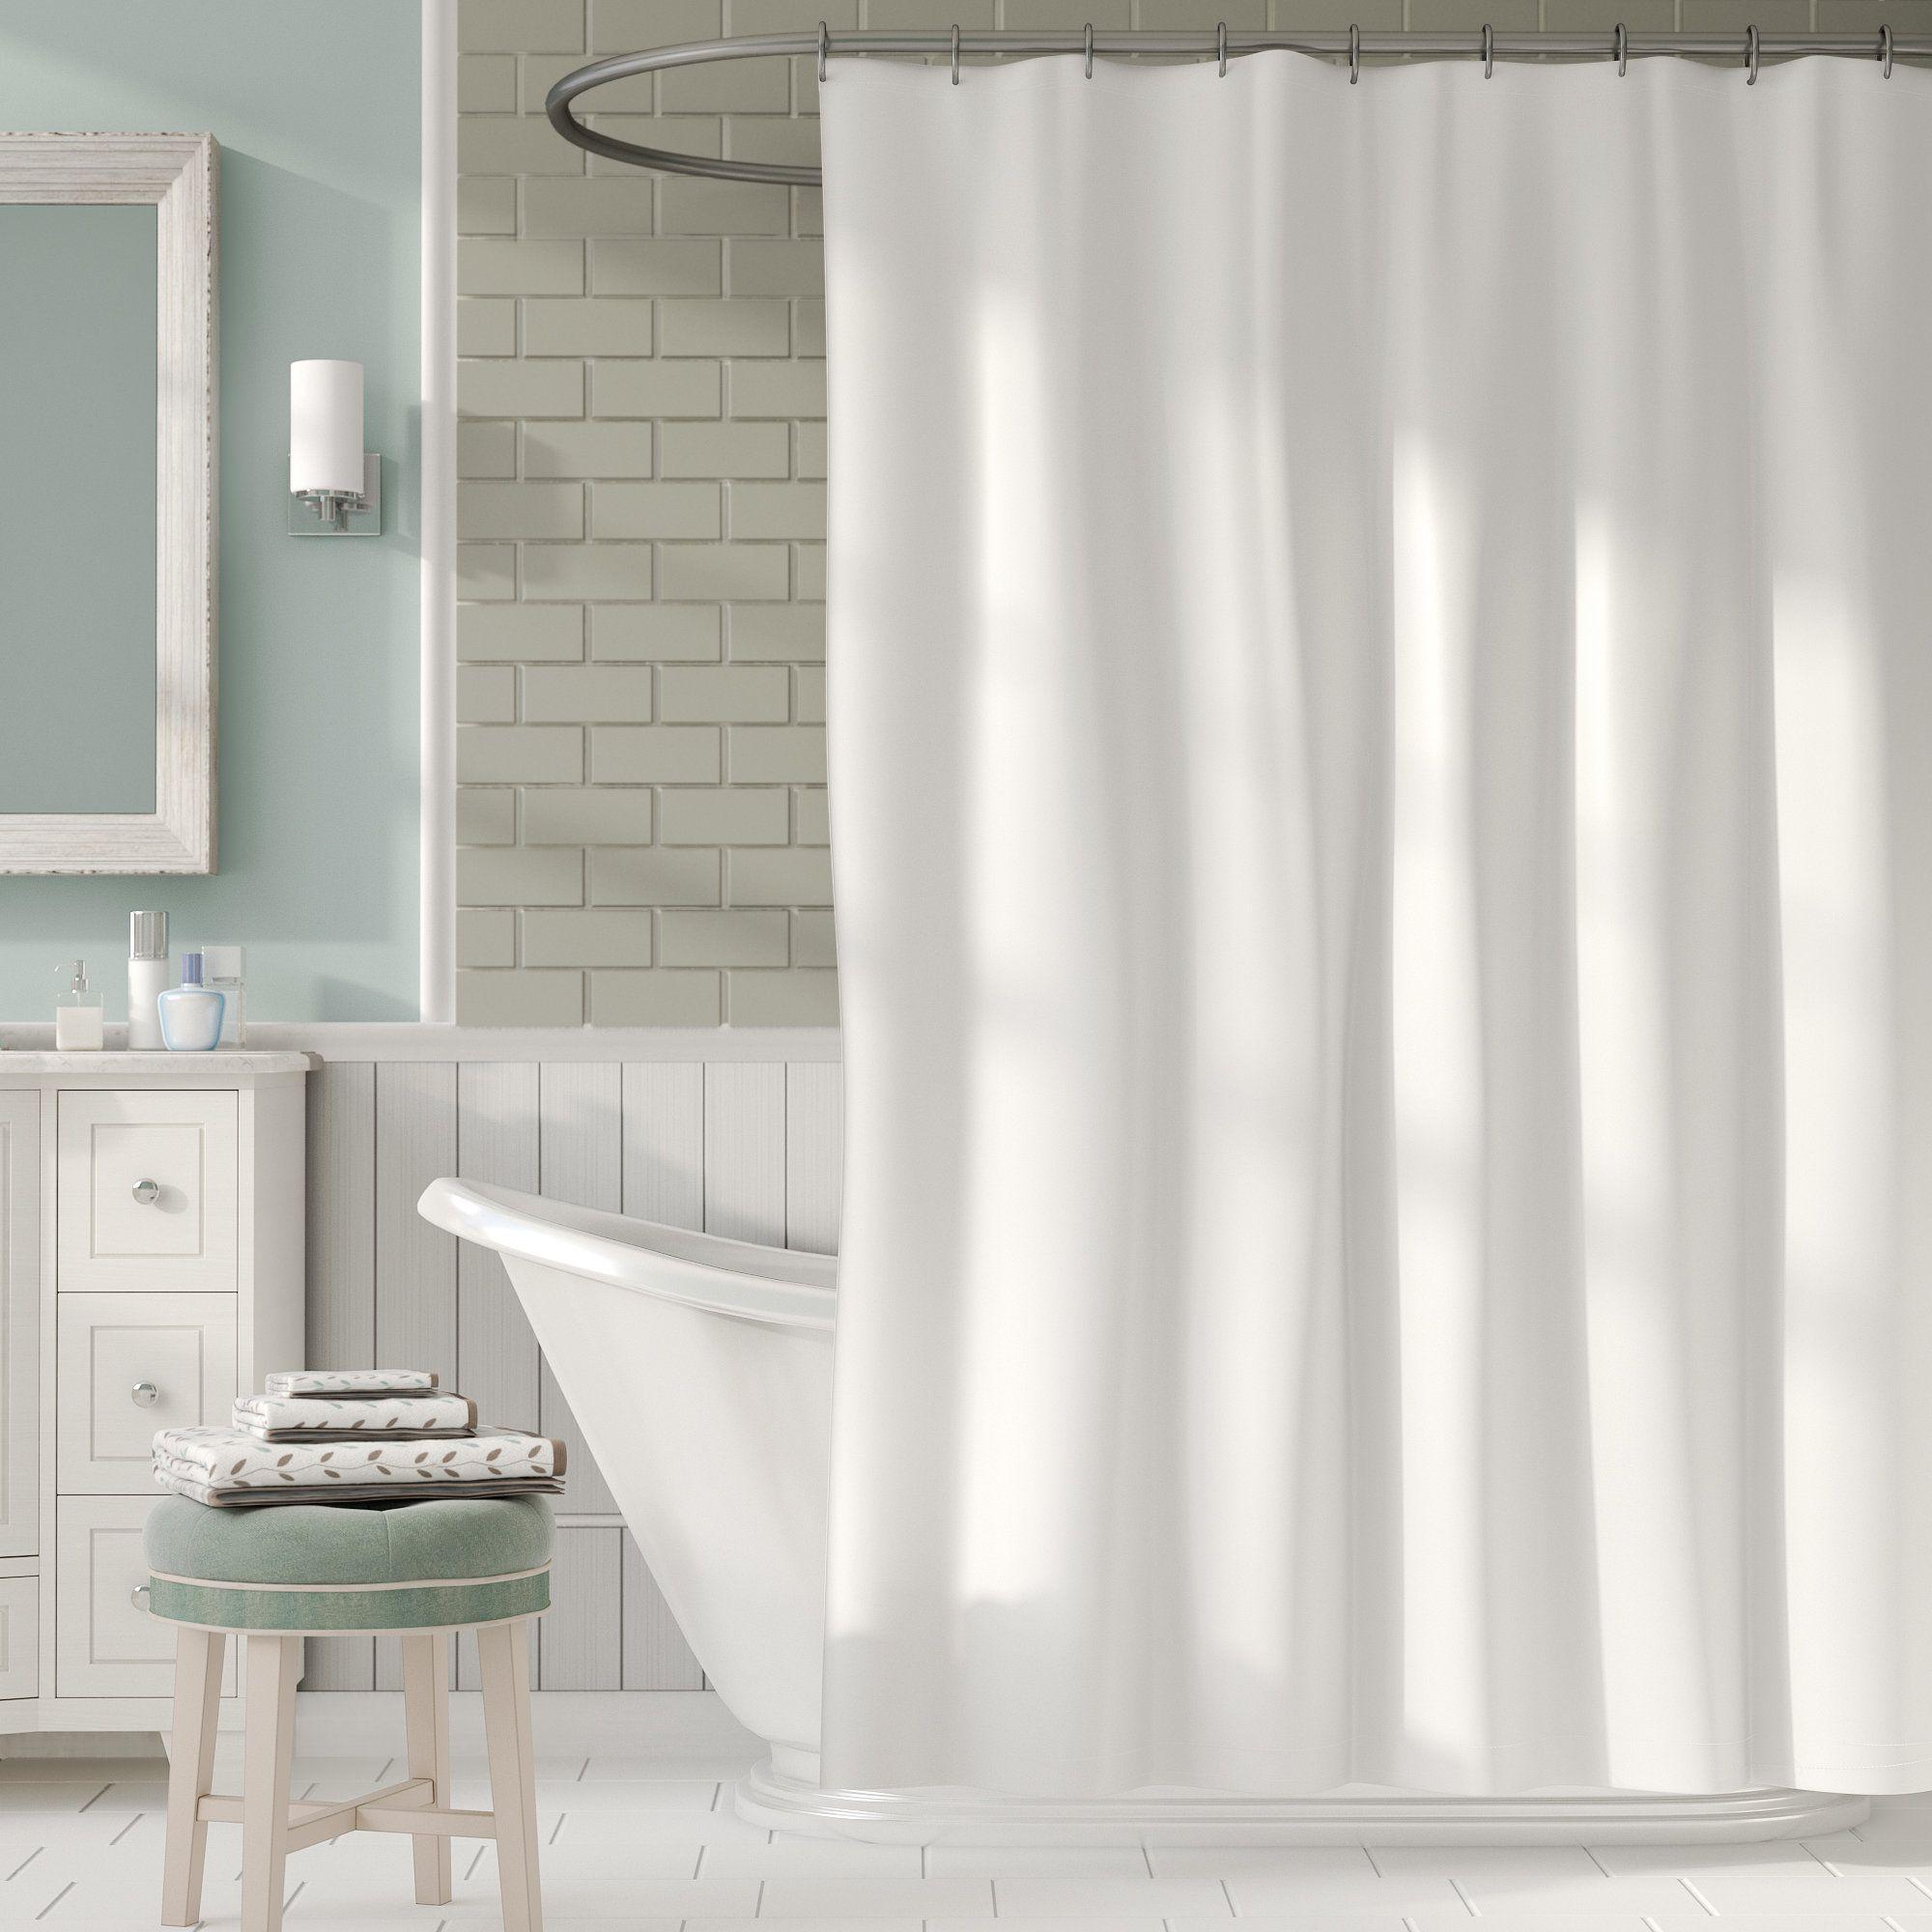 Einfaches wohnmöbel design baum duschvorhang dusche vorhang liner kanada dusche vorhang liner